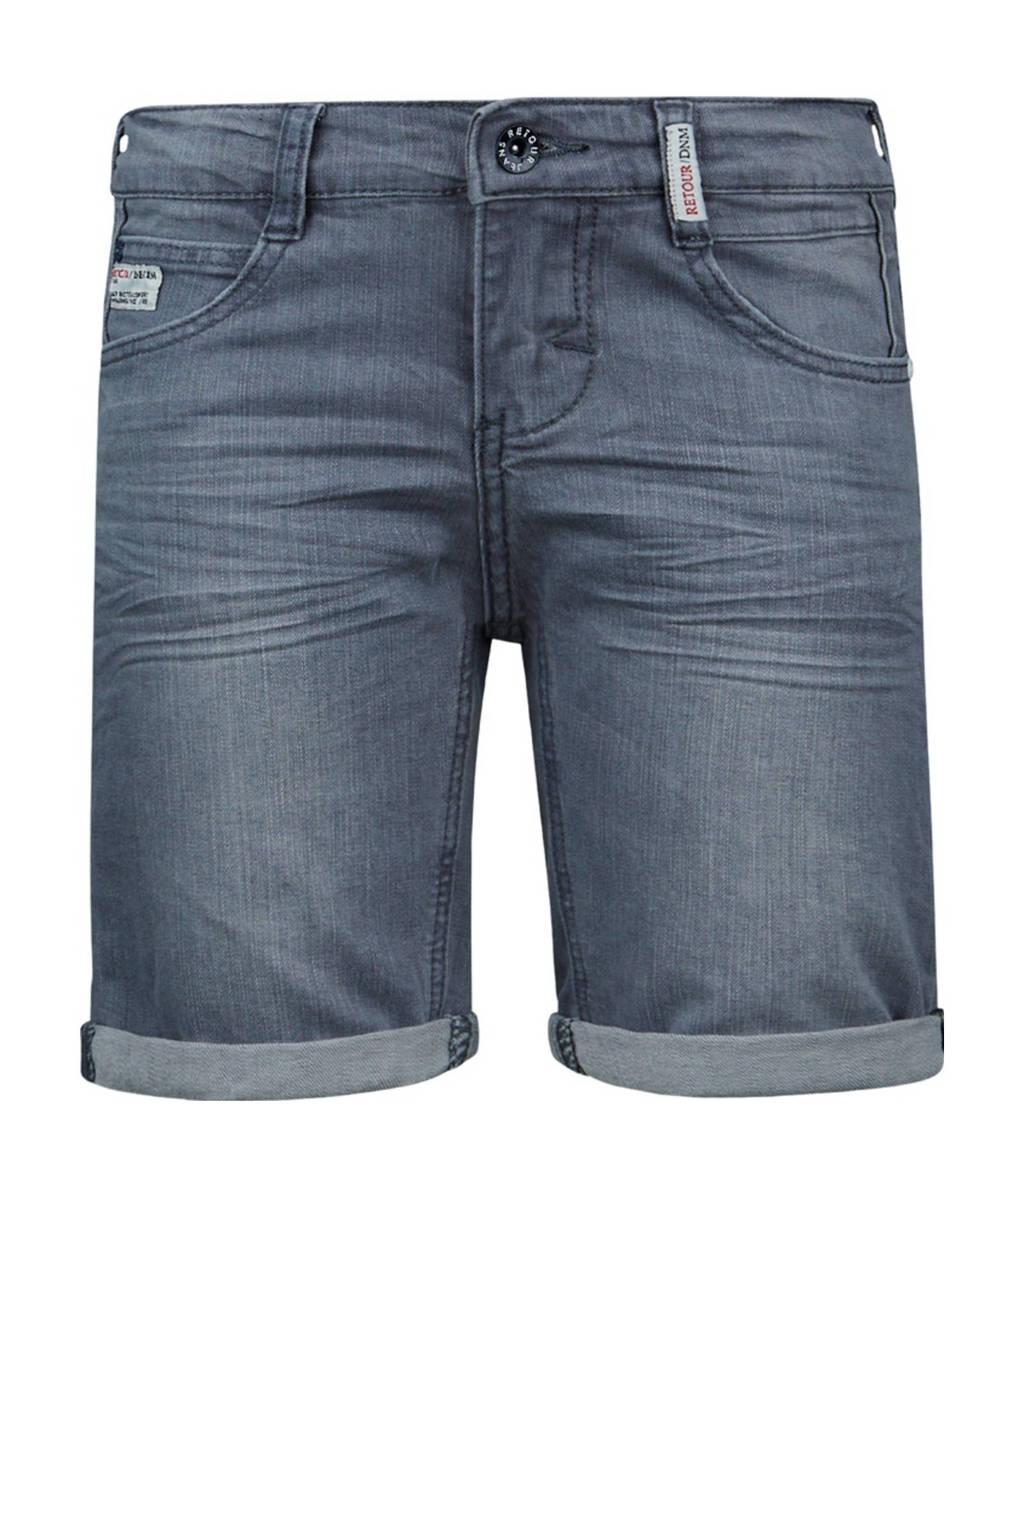 Retour Denim slim fit jeans bermuda Elan light grey denim, Light Grey Denim